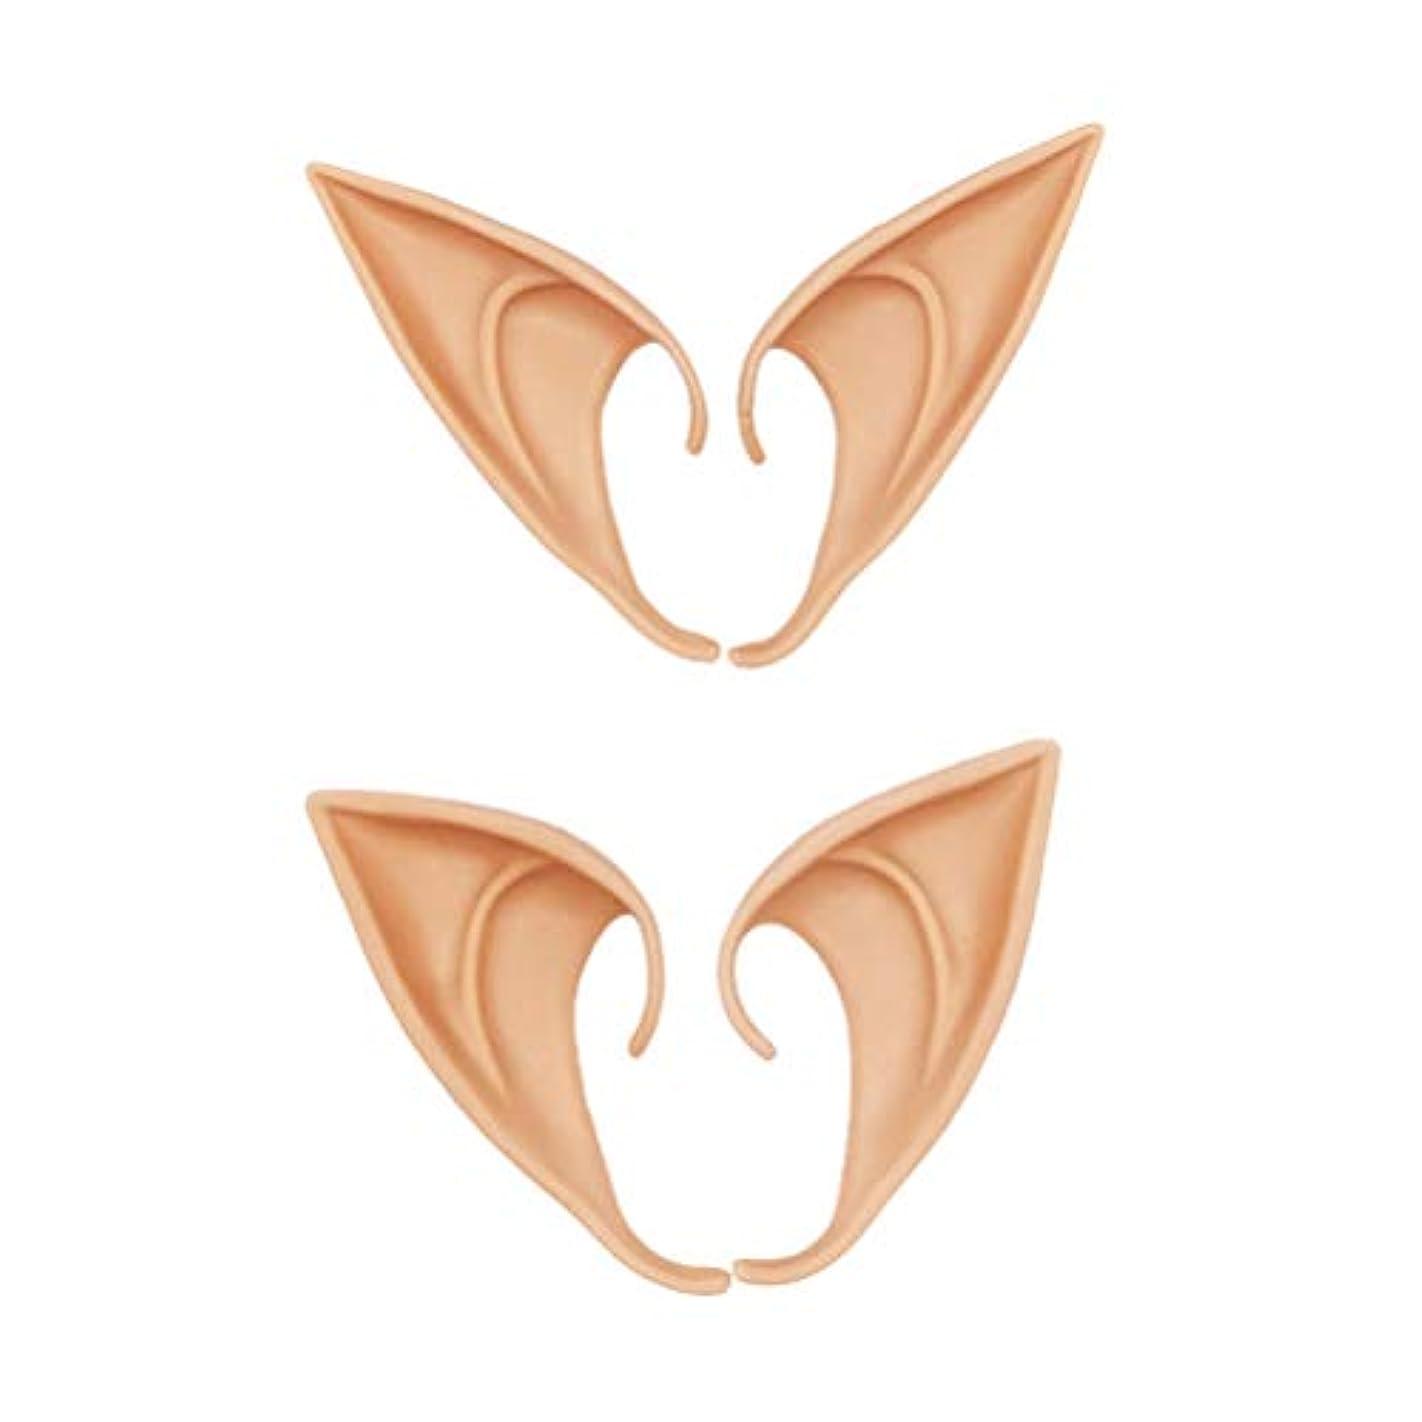 免除する追放湾Toyvian エルフ耳コスプレイースターカーニバルパーティーエルフコスチューム補綴耳偽のヒント耳写真小道具4ピース